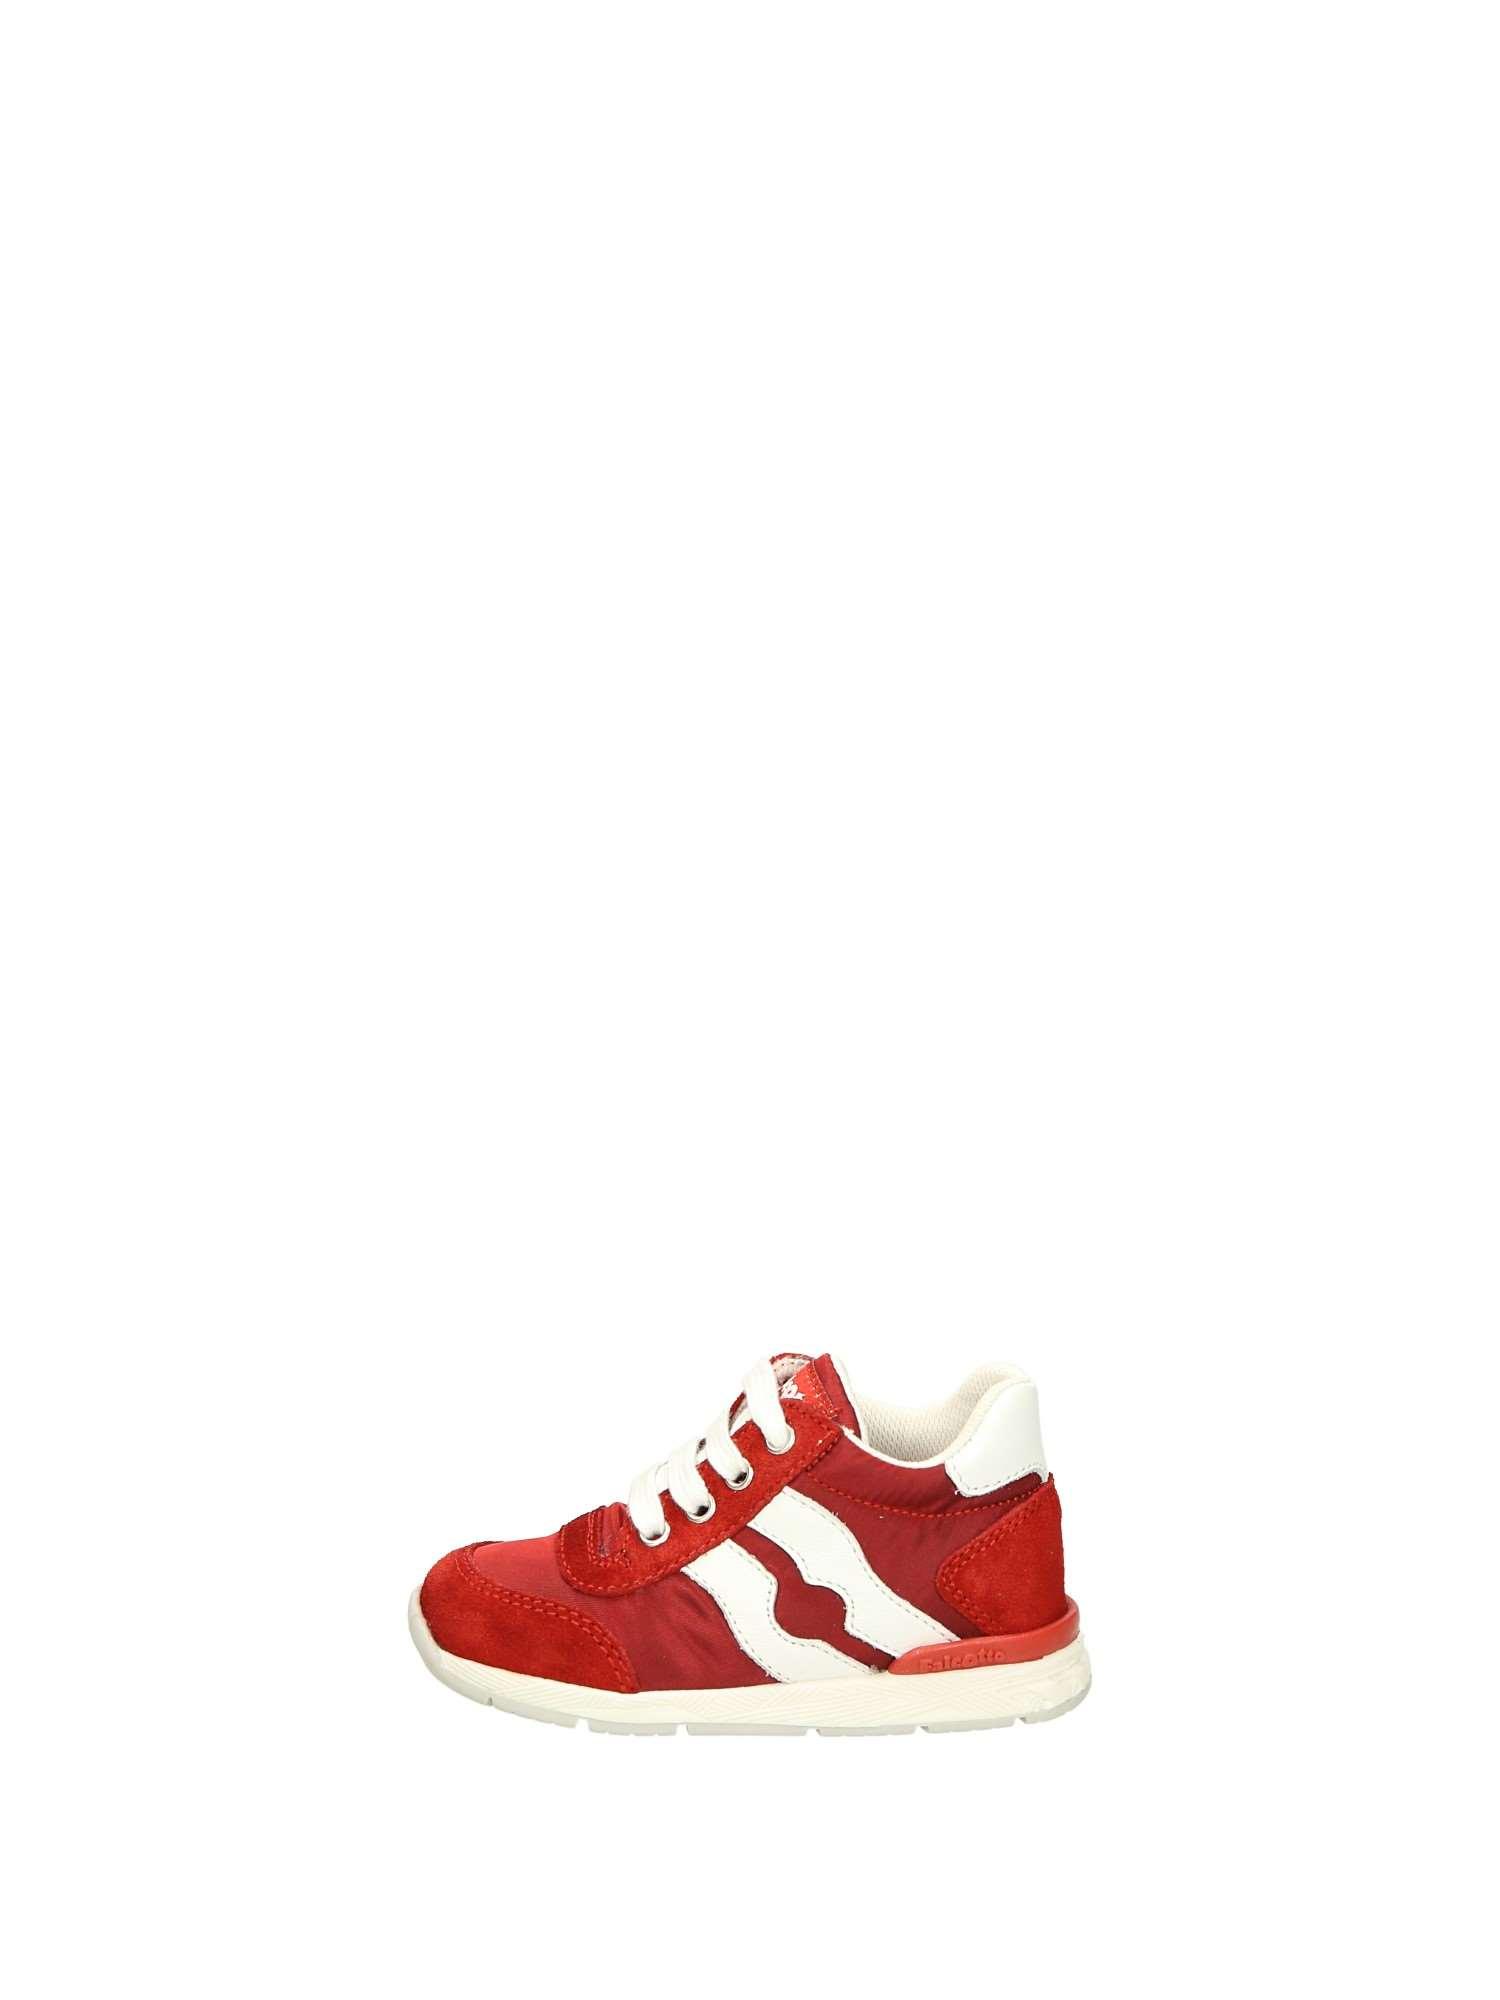 Naturino FALCOTTO MORGAN Rosso Scarpe Bambino Sneakers 1241b823a09